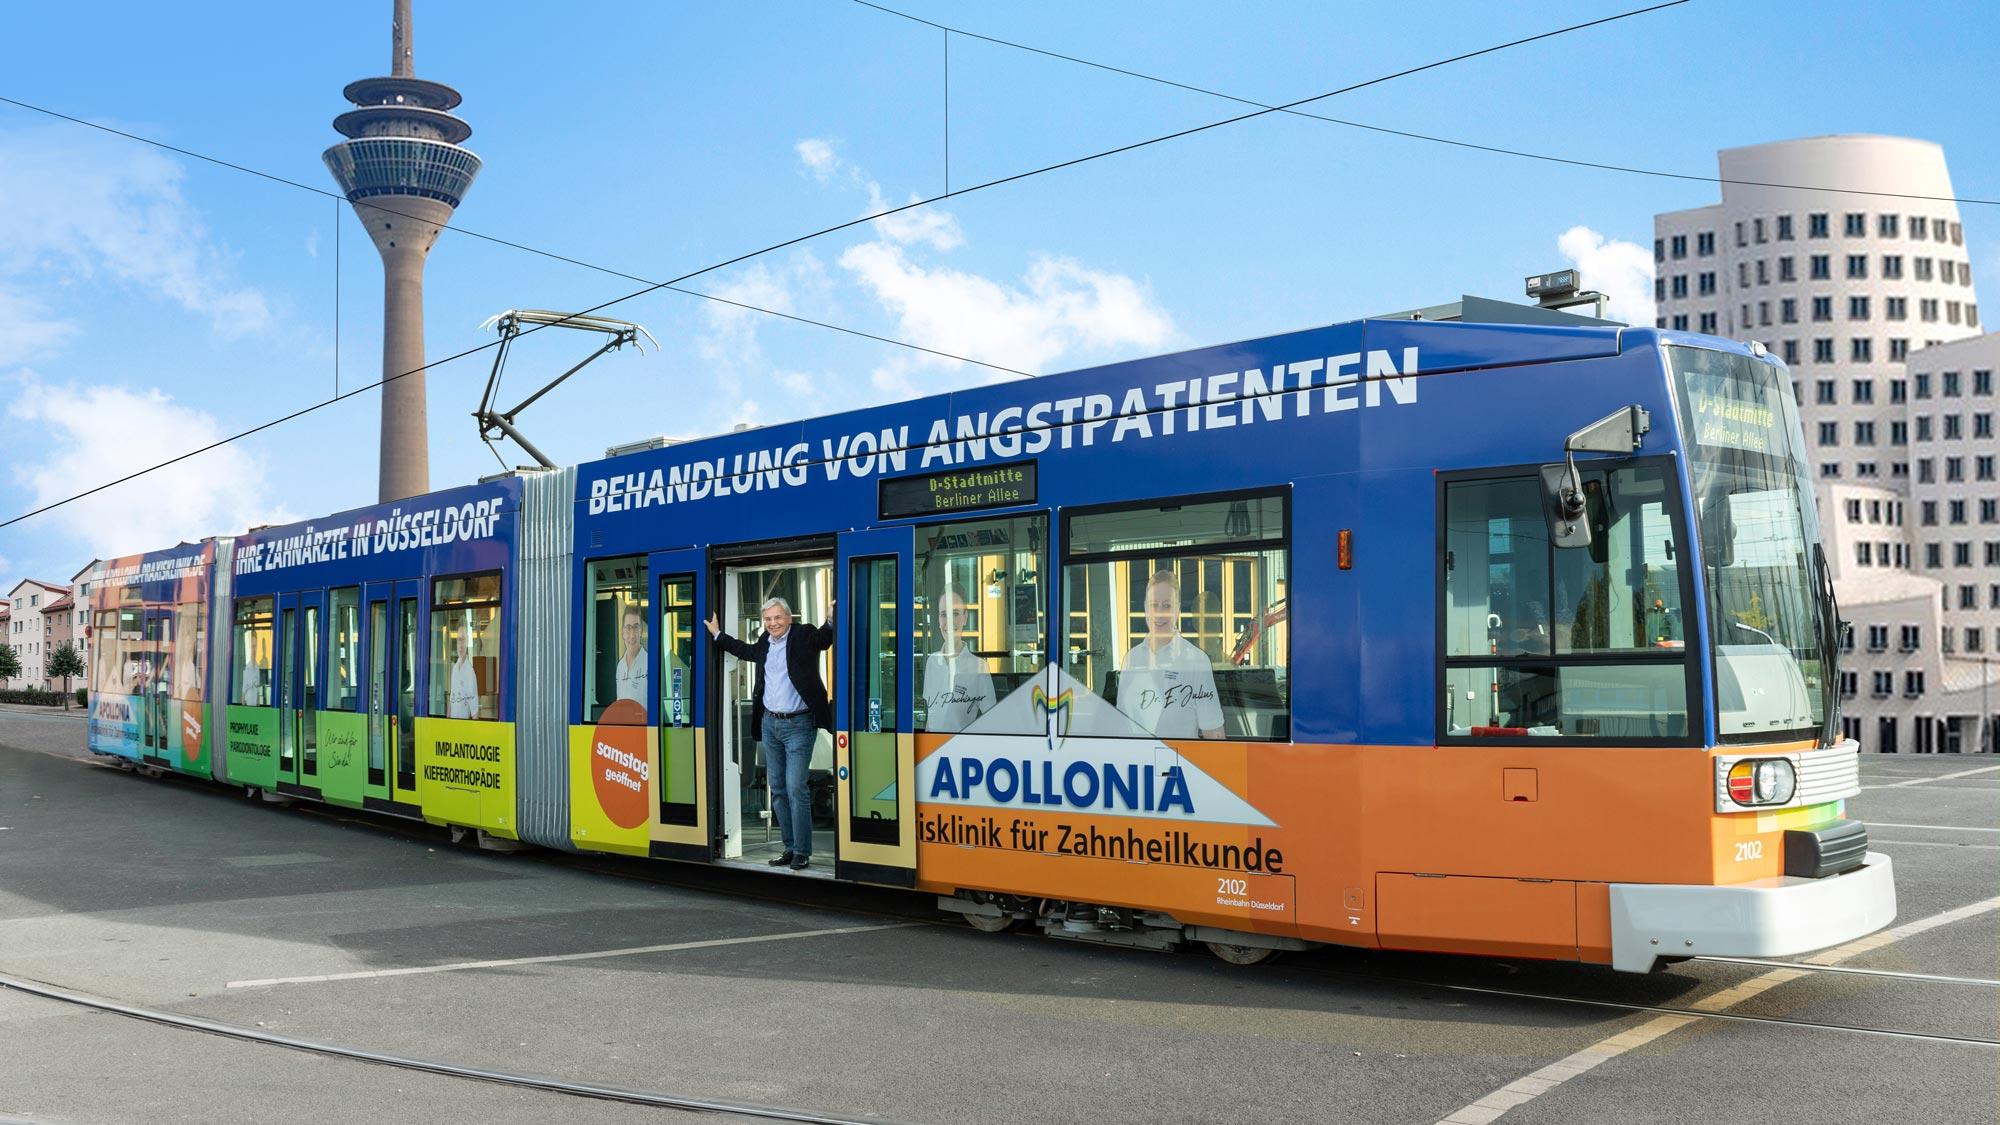 Straßenbahn Beklebung made by Onelio Werbeagentur Düsseldorf